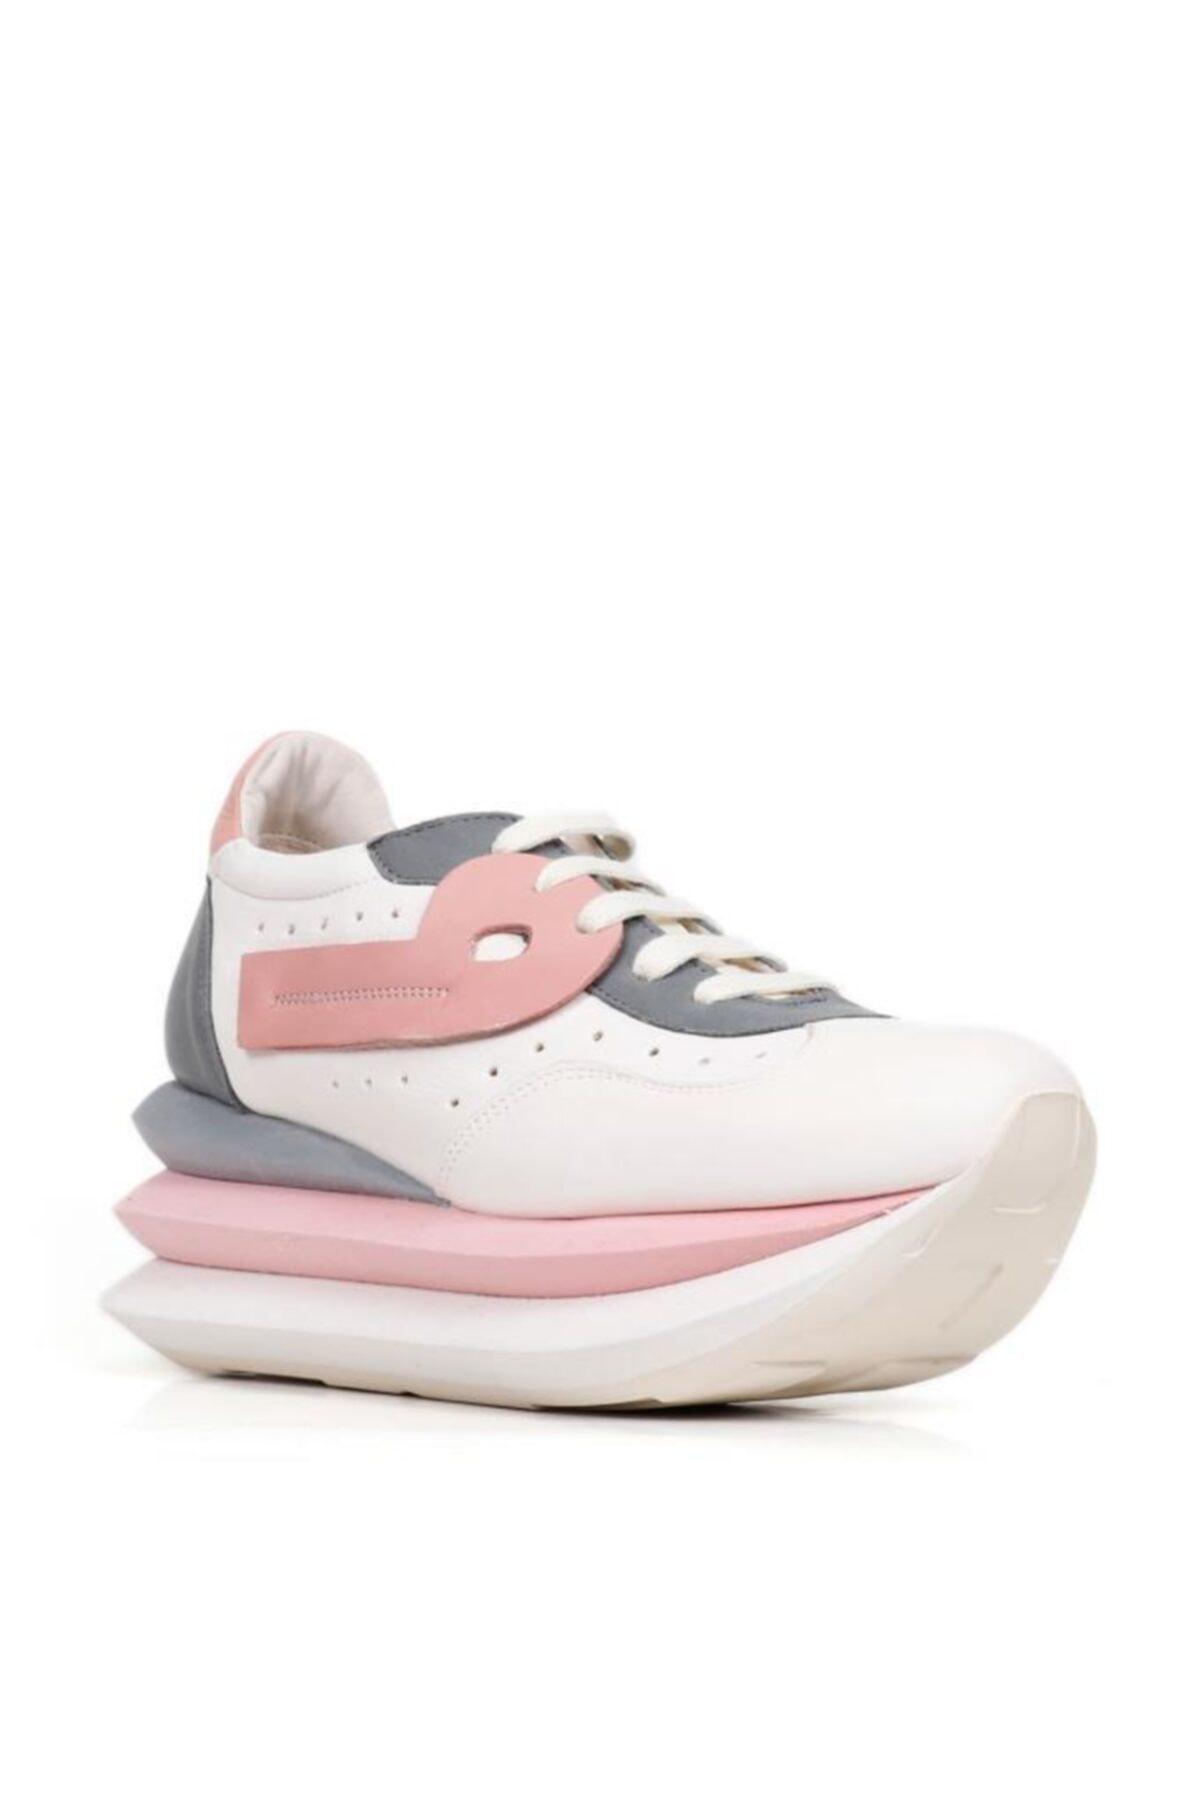 BUENO Shoes Hakiki Deri File Detaylı Bağcıklı Kadın Spor Ayakkabı 20wq10400 2